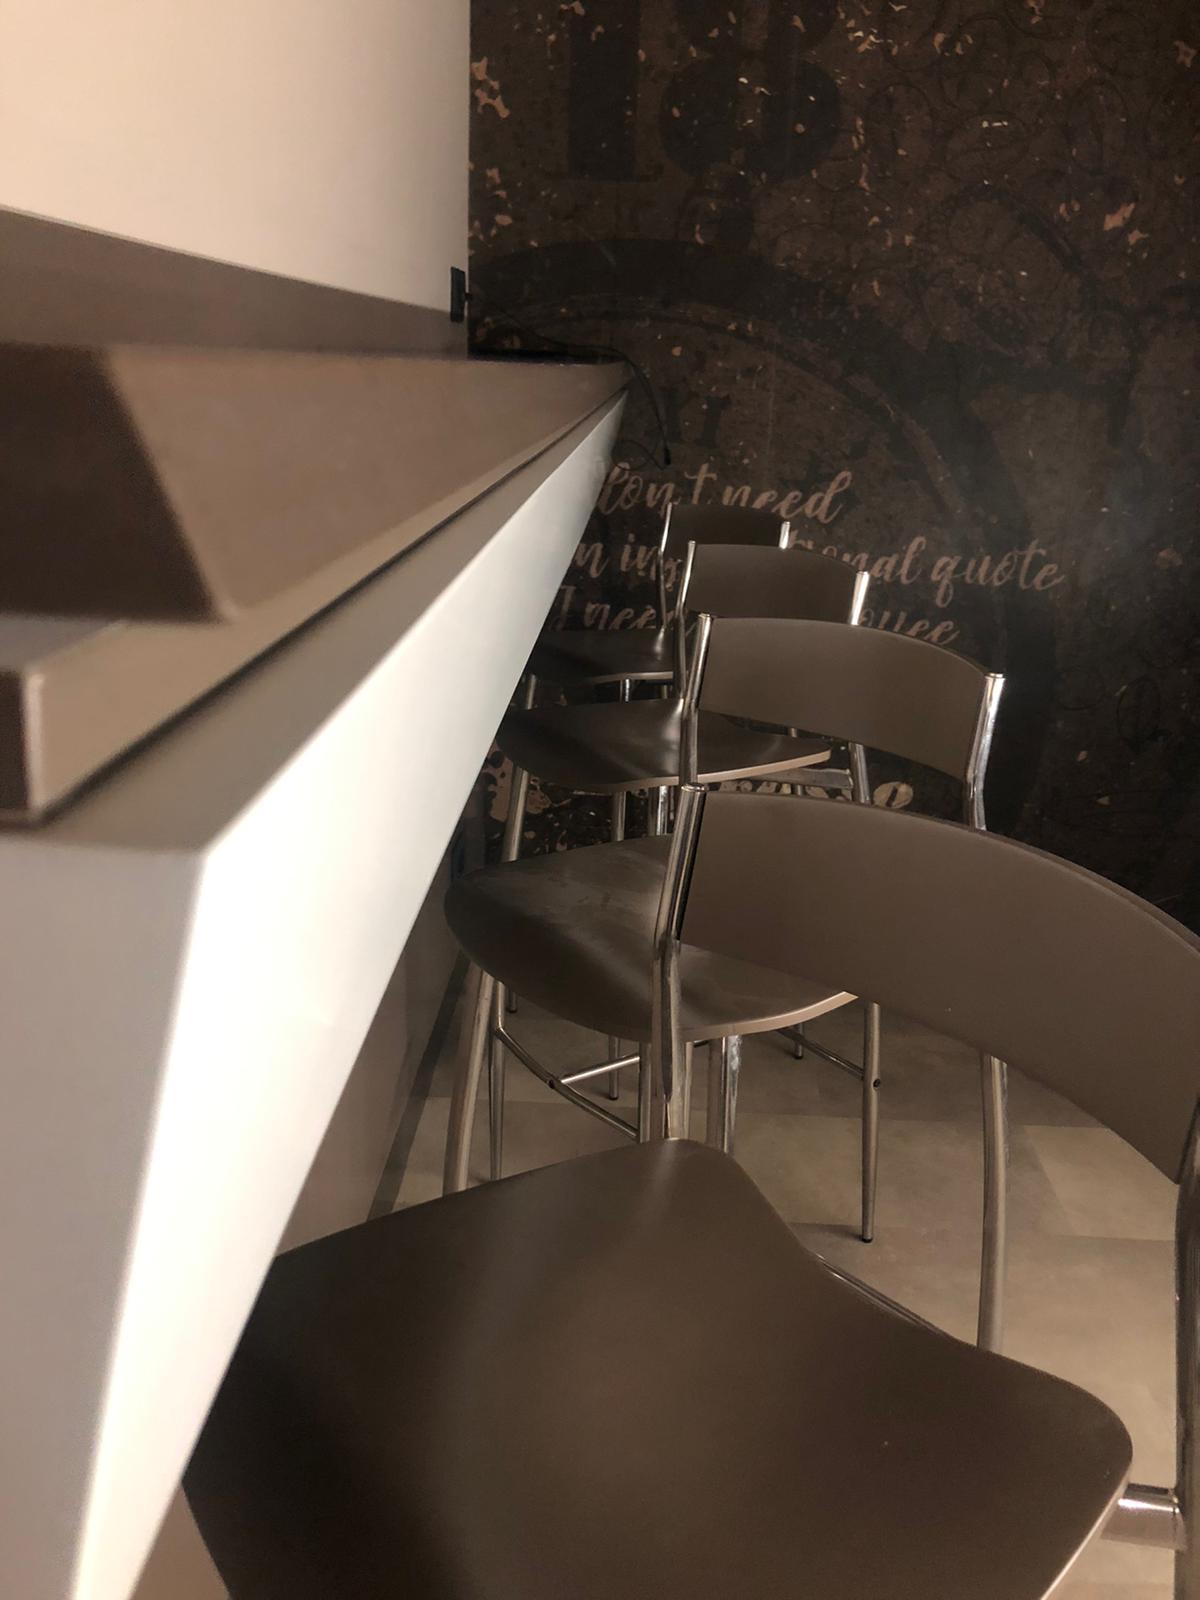 Arredamento E Casalinghi Reggio Calabria.De Girolamo Arredamenti Centro Assistenza Tecnica Reggio Calabria